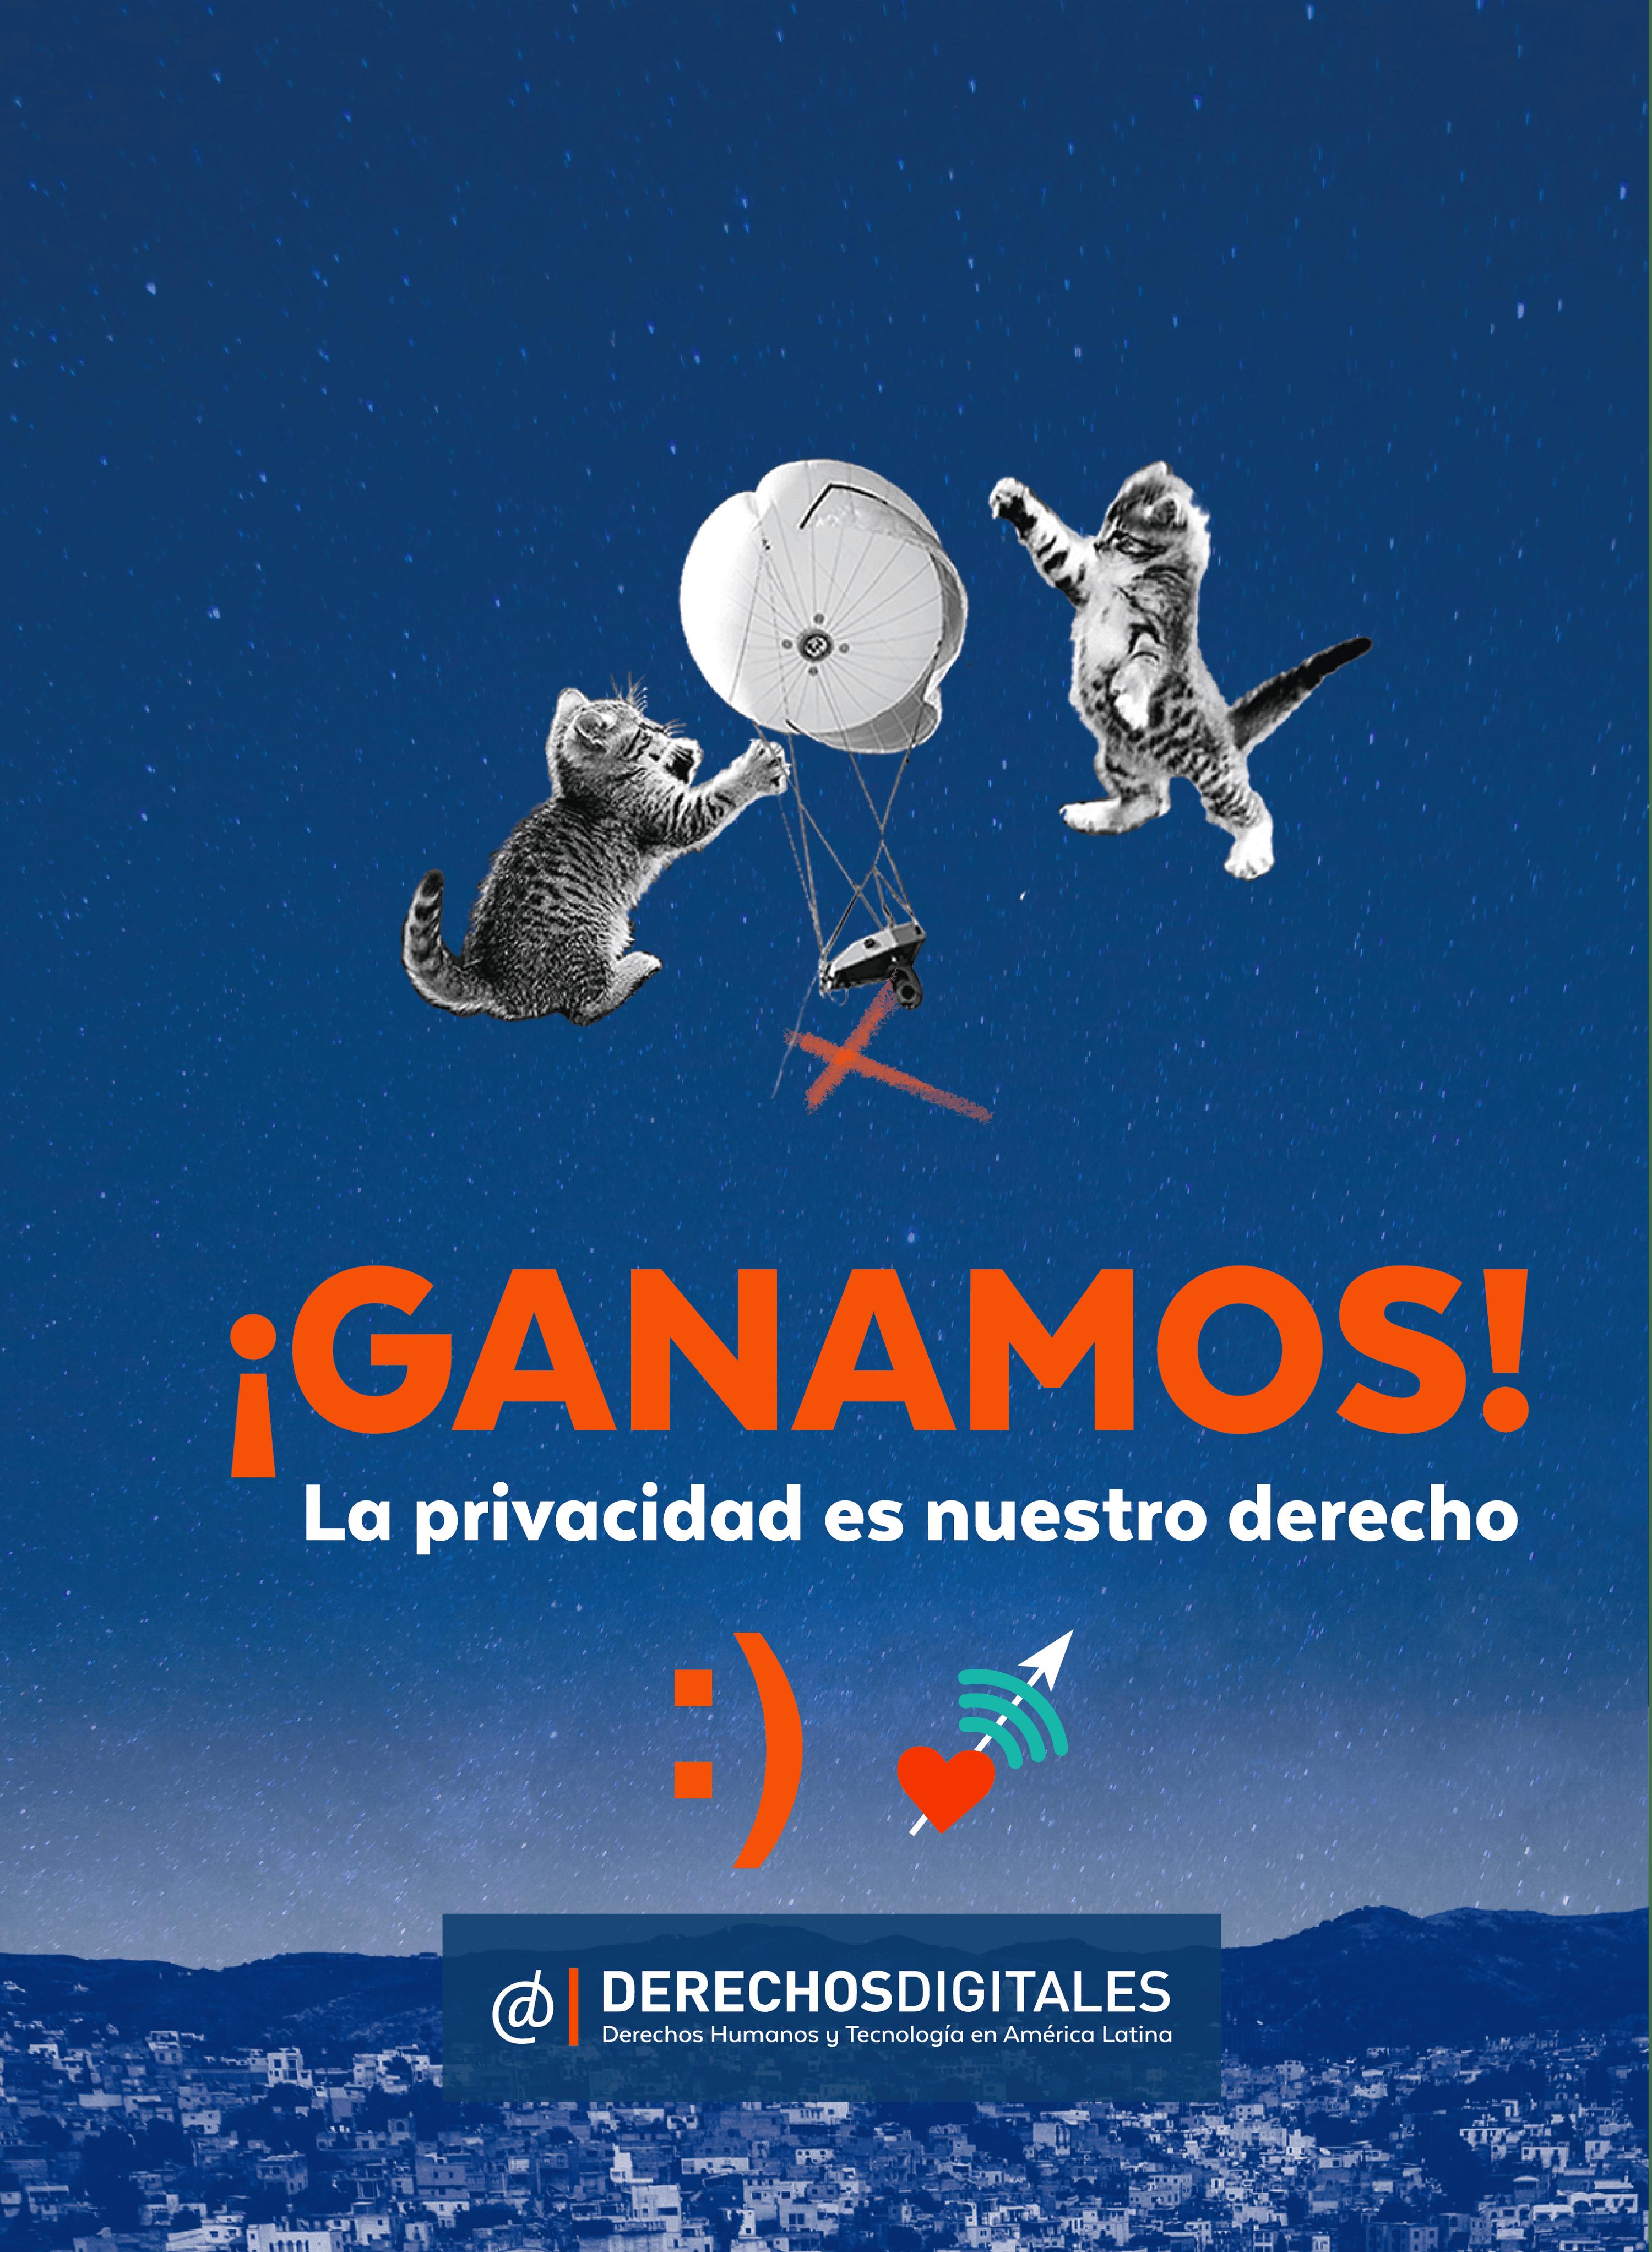 Cartel de la campaña de la organización chilena Derechos Digitales, 07/03/2016.